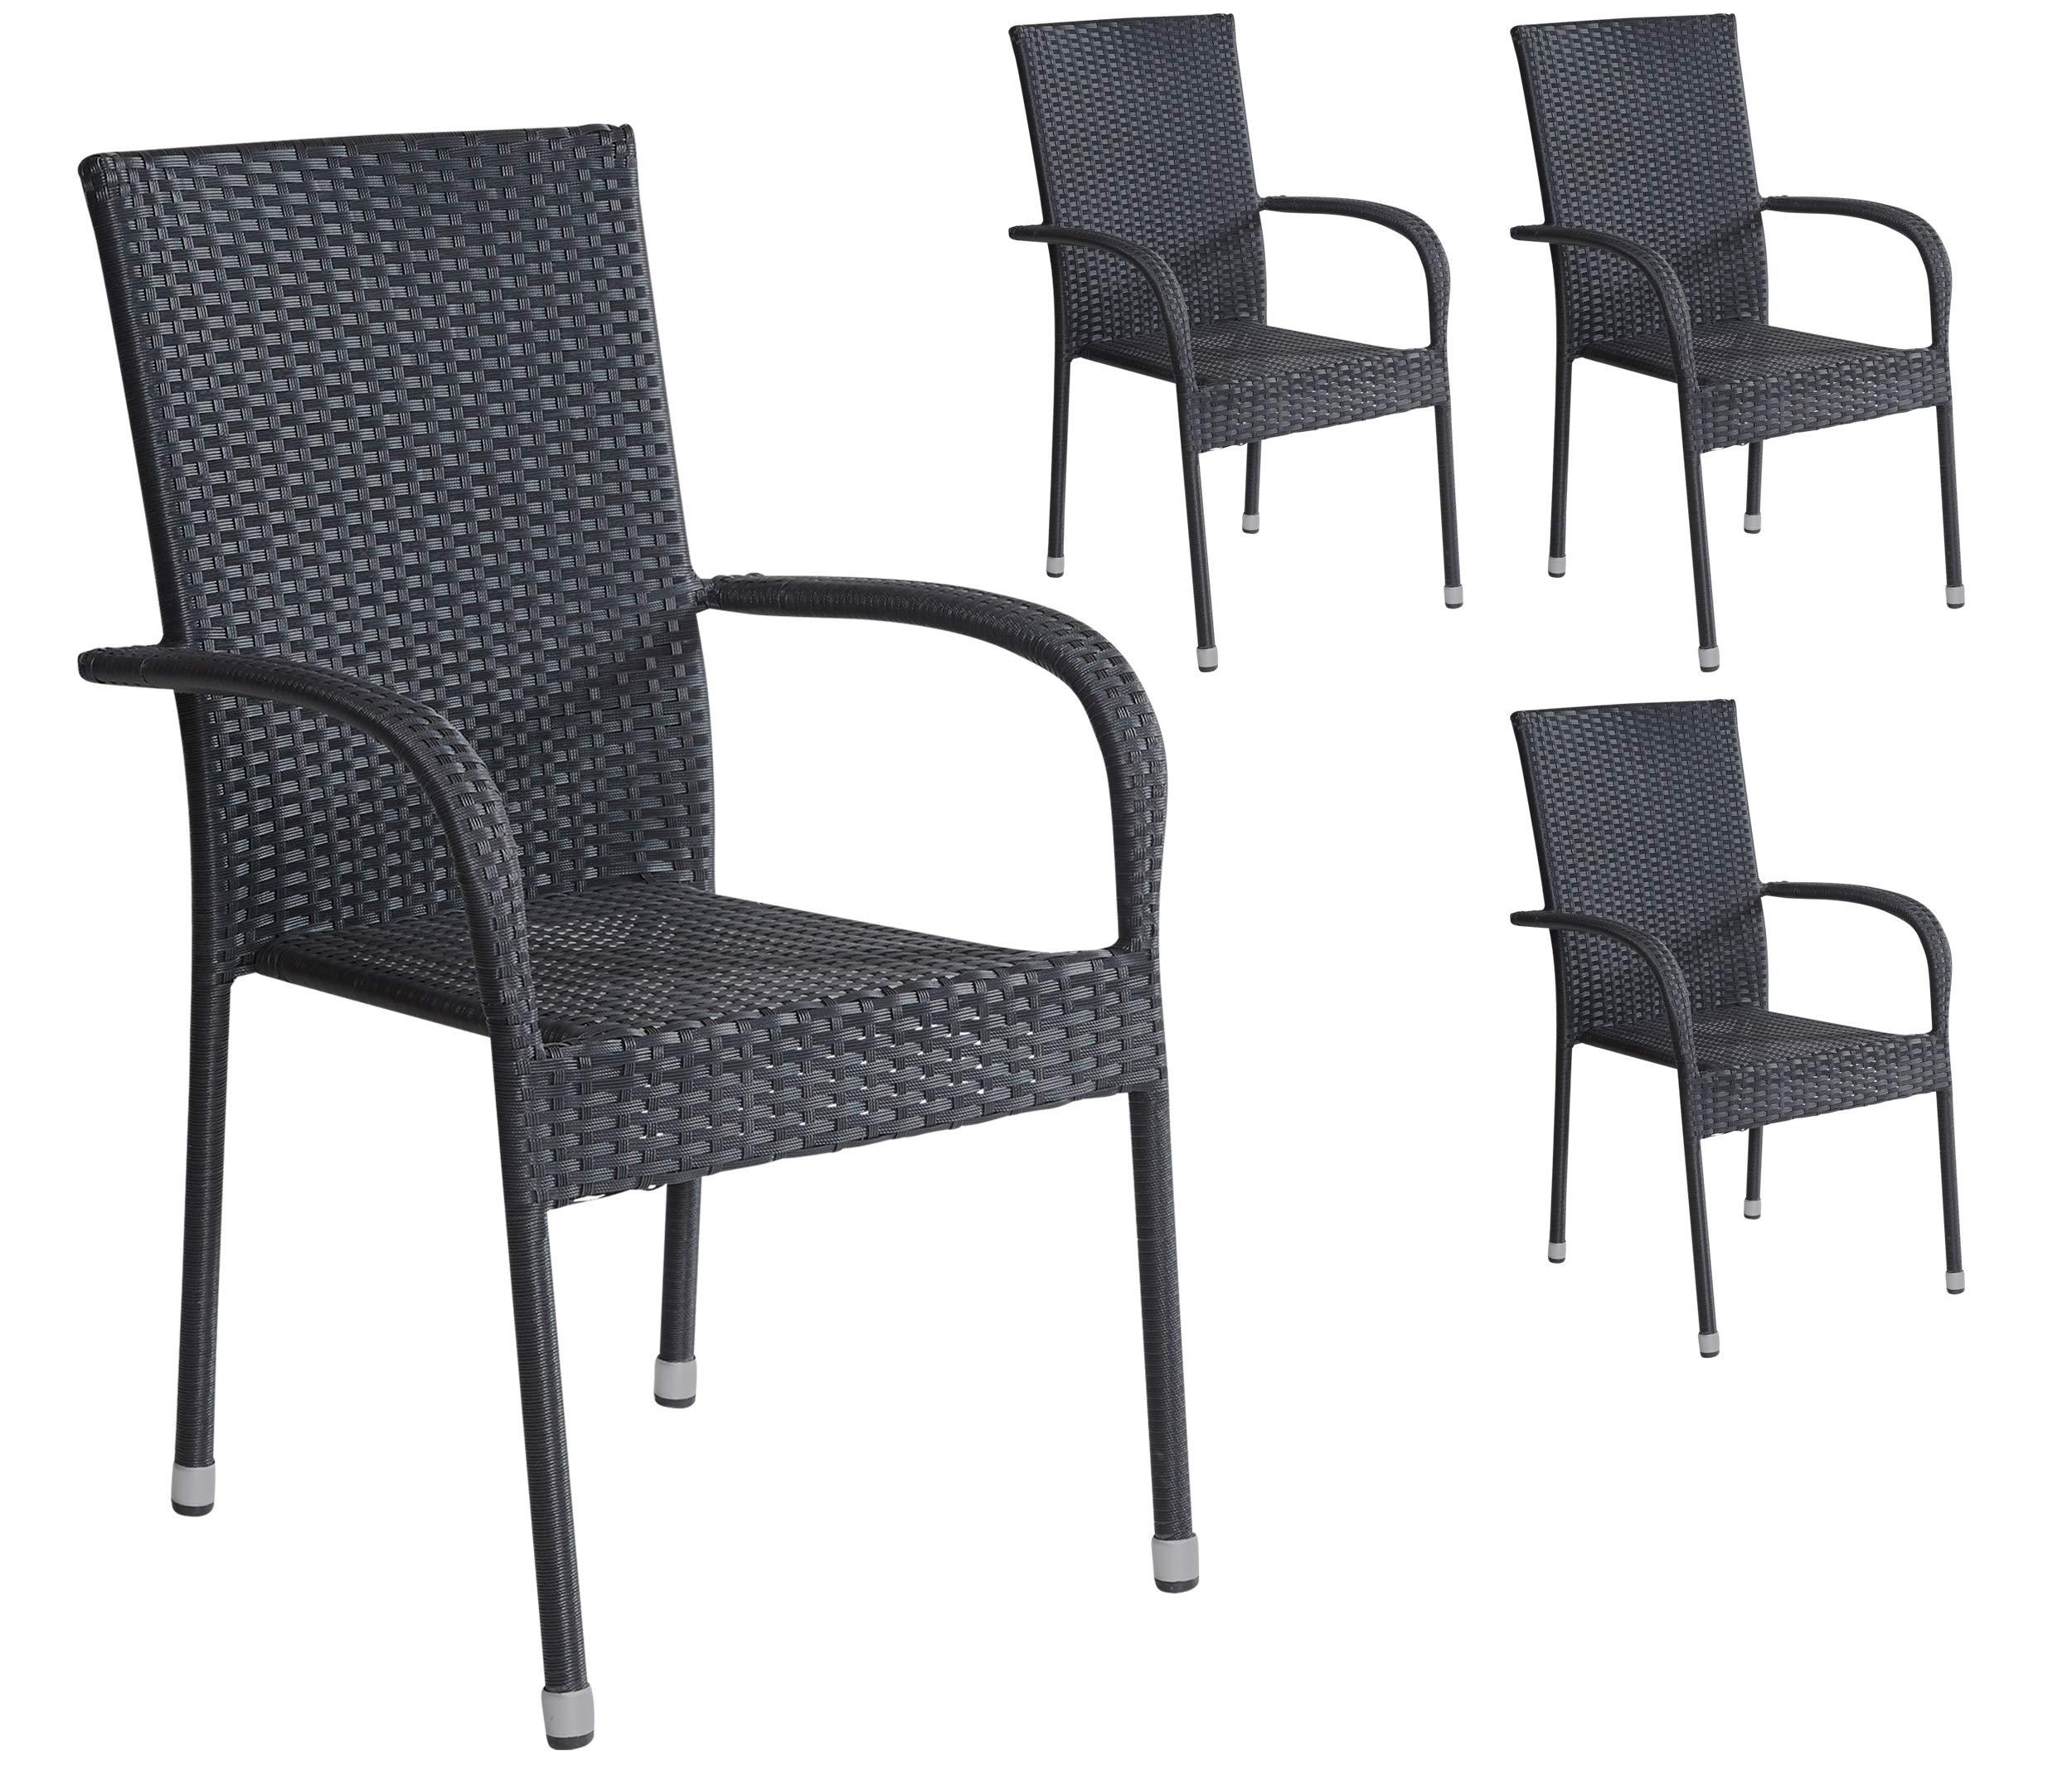 Attraktiv 4er Set Stapelstühle Armlehnstühle Gartenstühle In Schwarz Mit Armlehnen  Exkl. Auflage Stapelbar